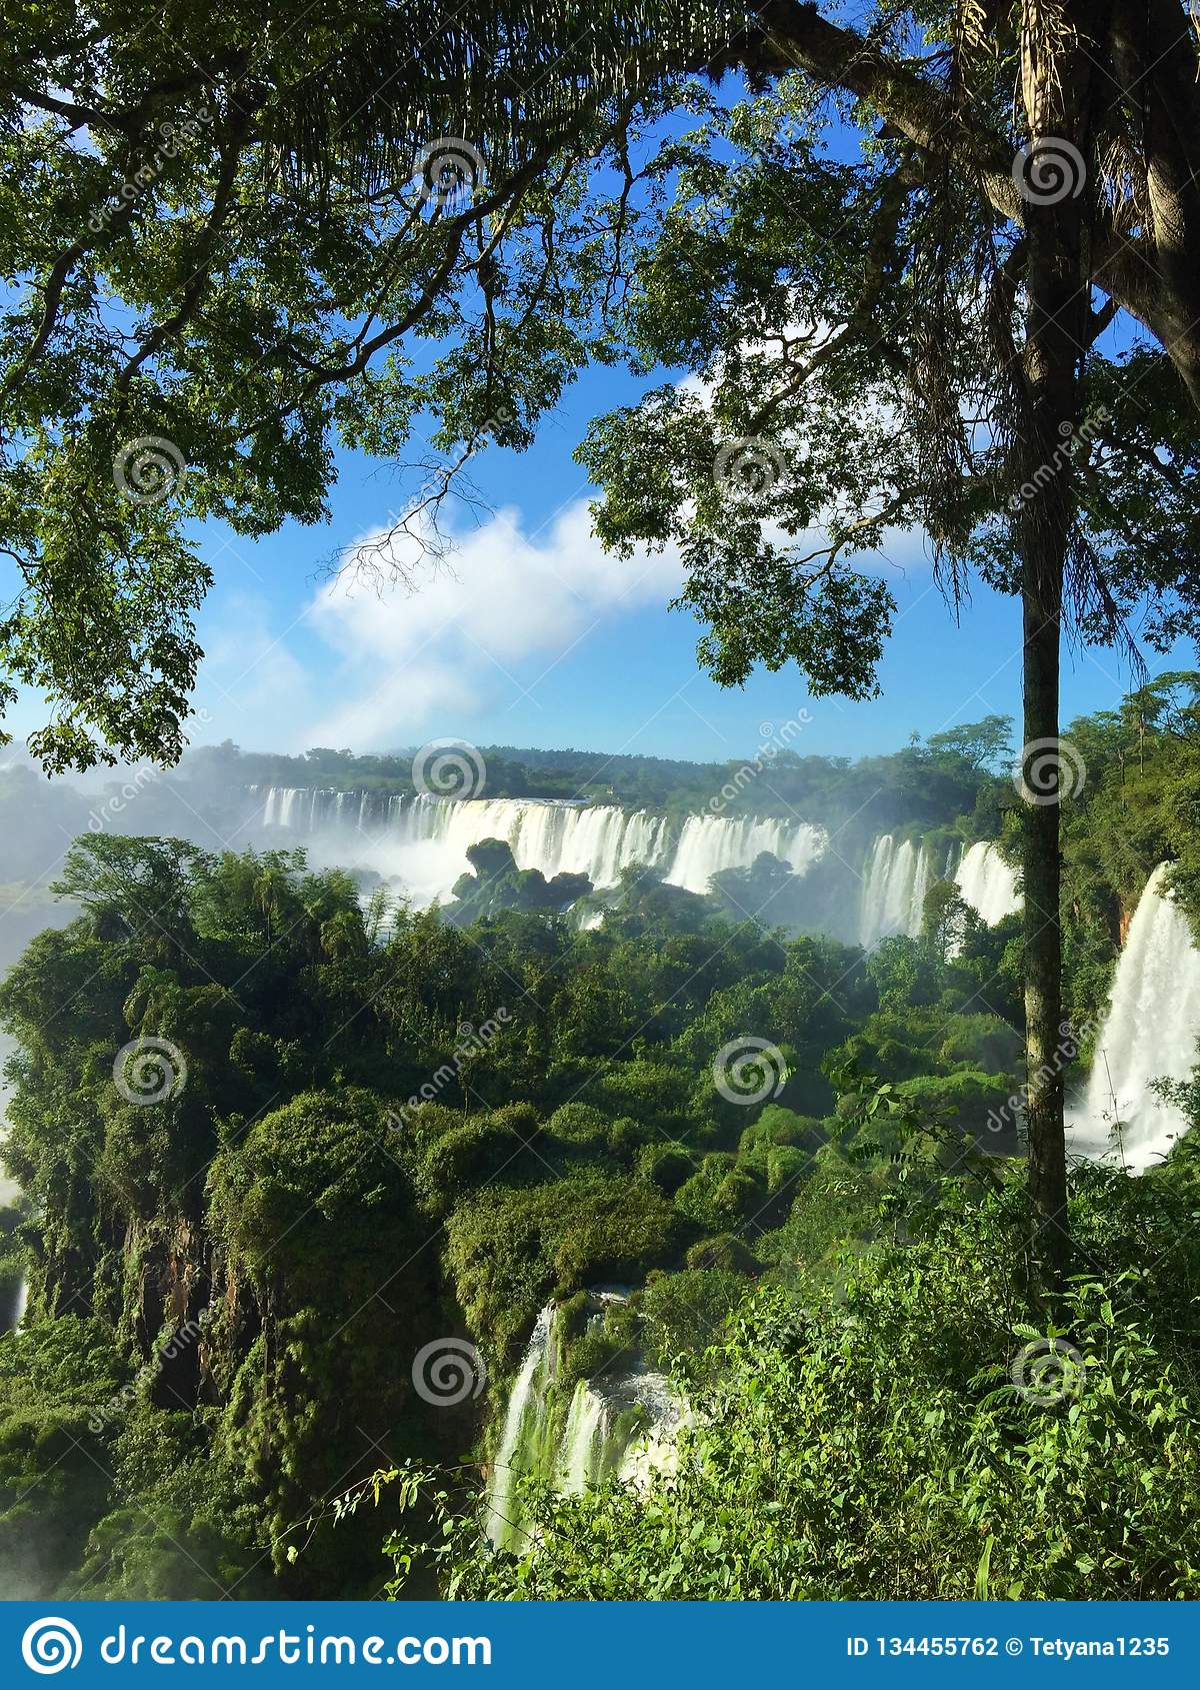 La più grande cascata nel mondo - lato delle cascate di Iguazu Argentina